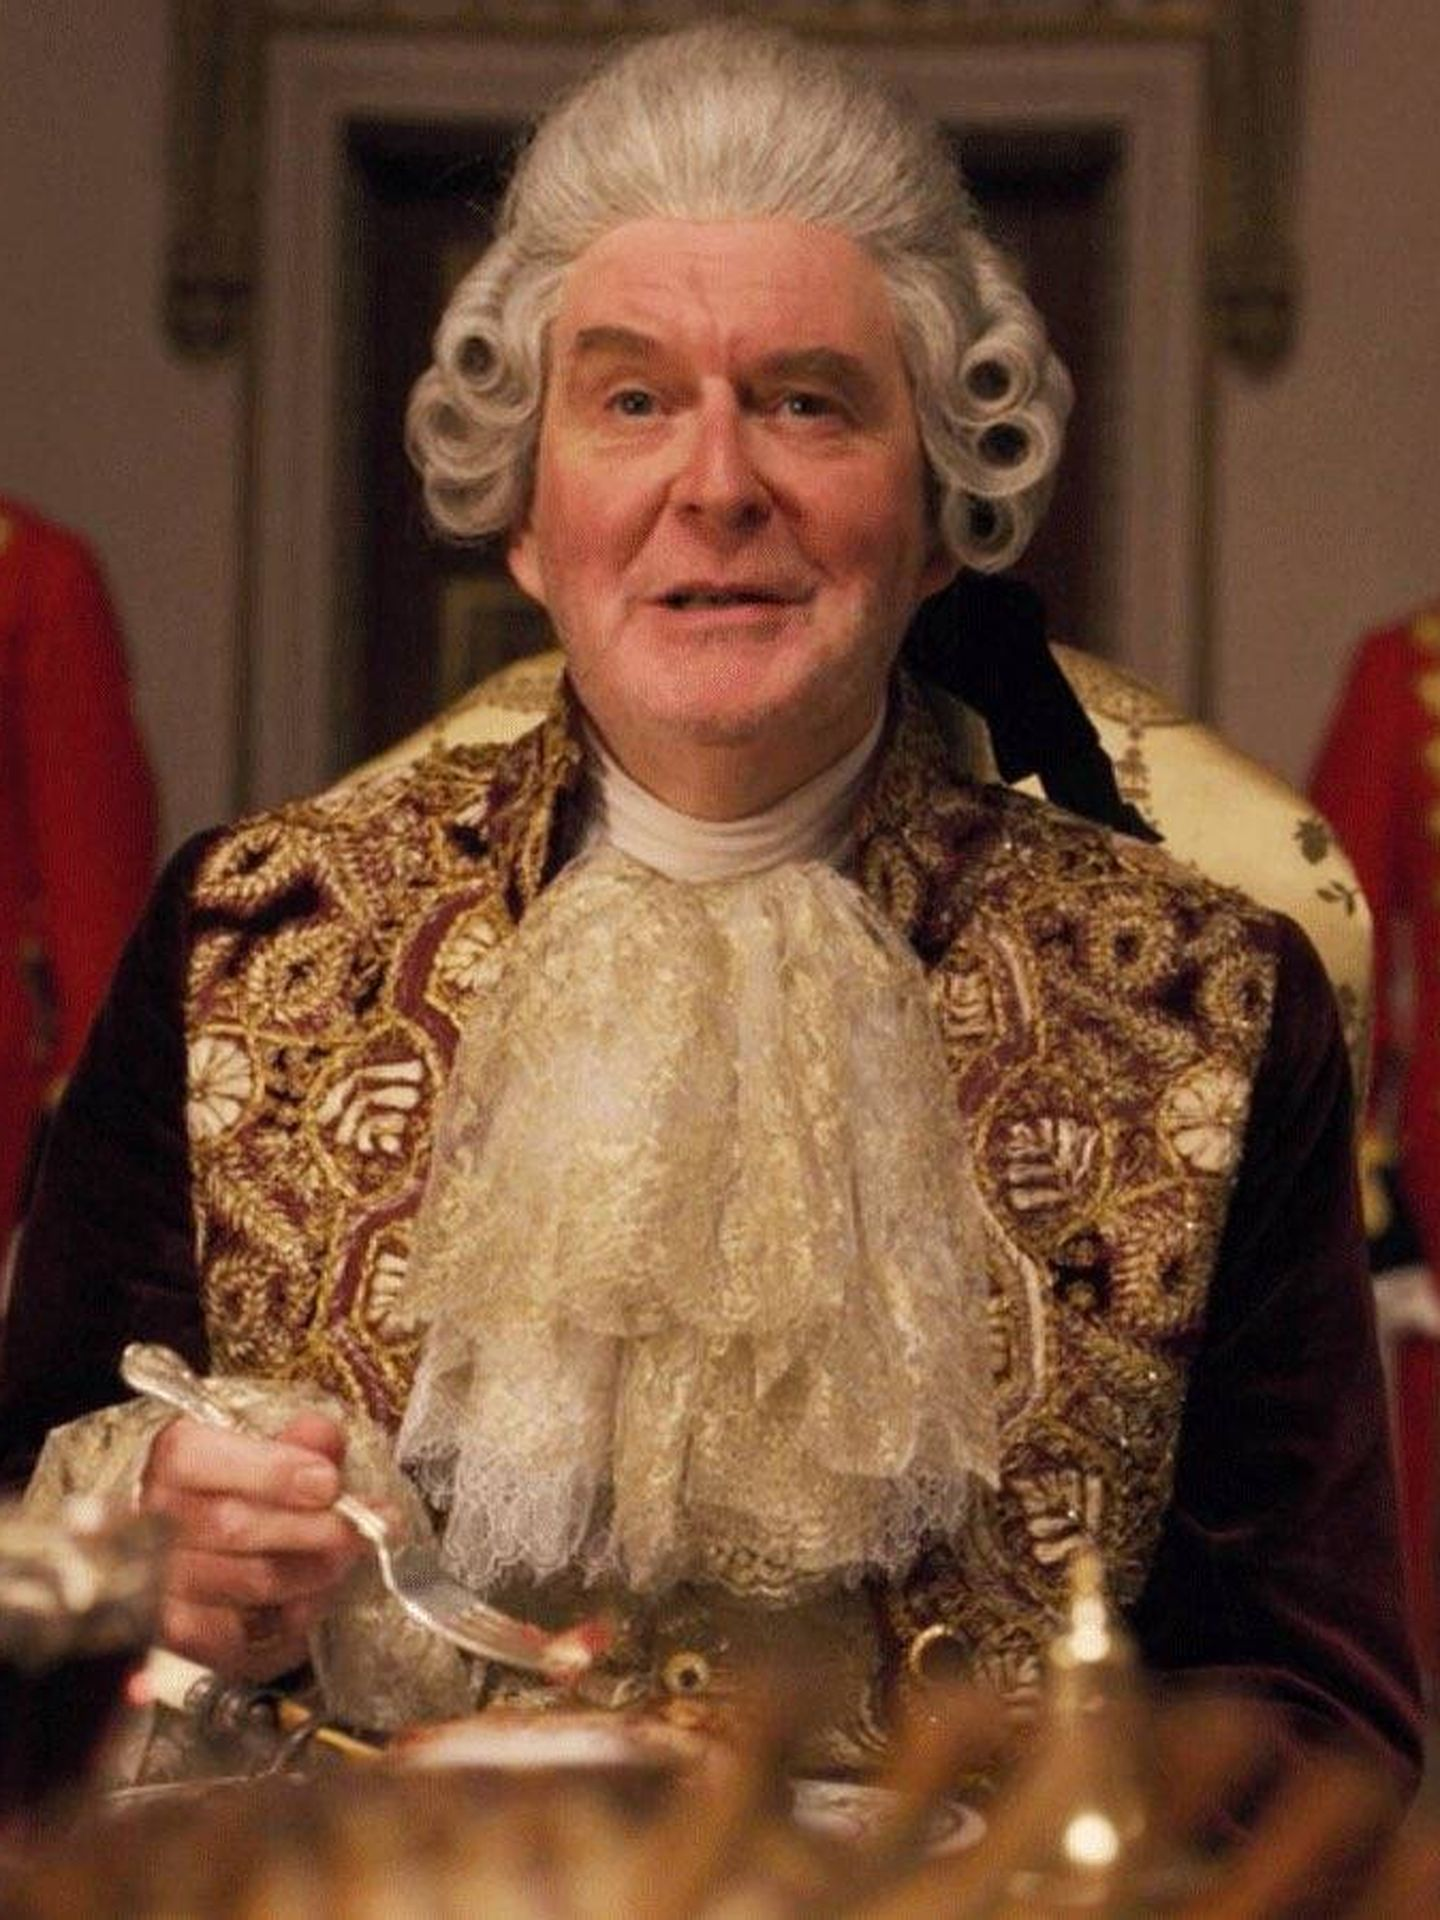 El rey Jorge III, interpretado por James Fleet. (Netflix)